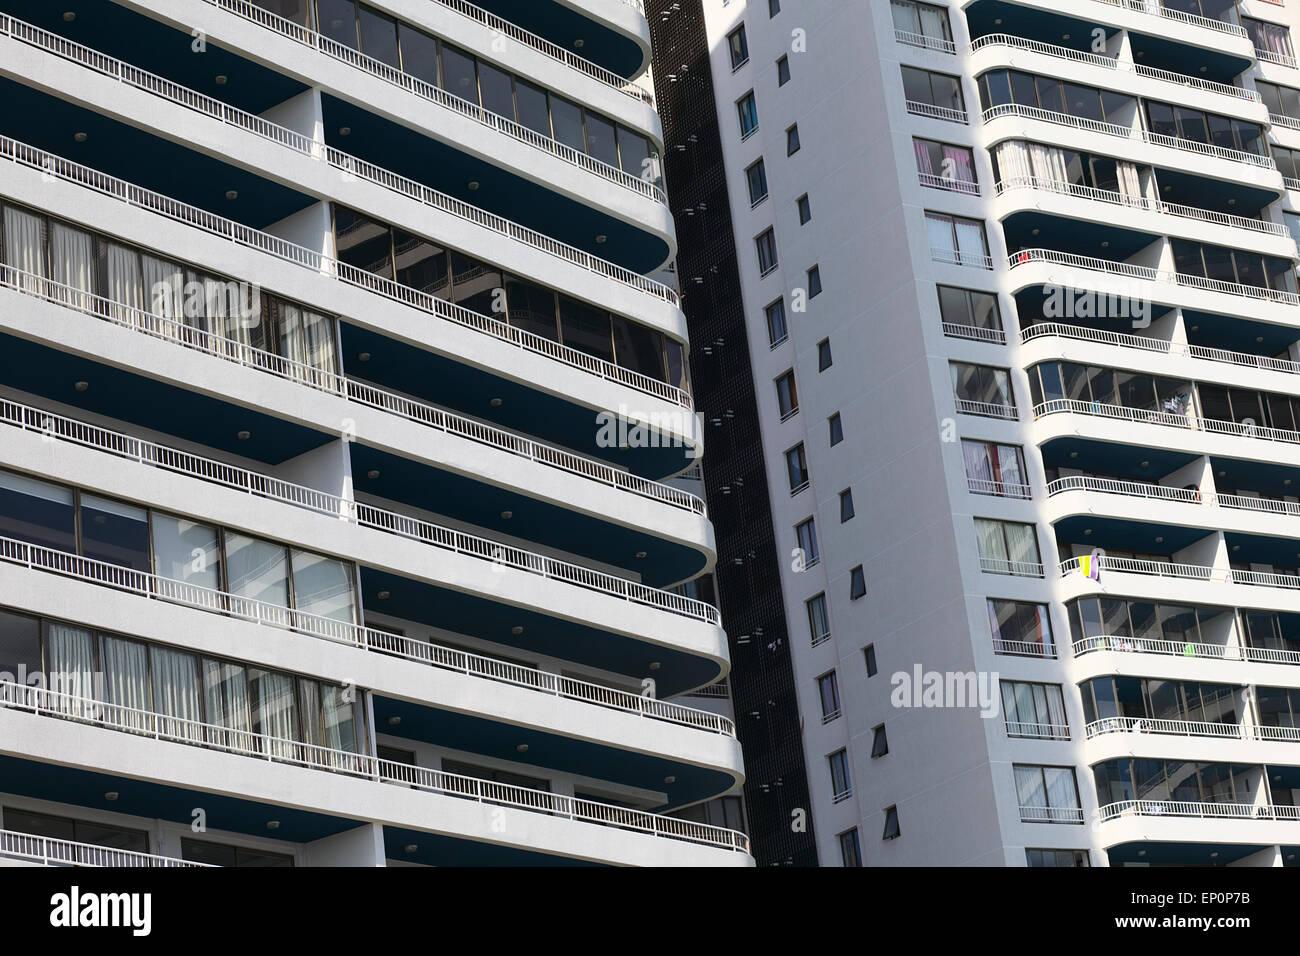 Detail des komplexen modernen Wohnhauses namens Archipielago Mar Egeo in Iquique, Chile Stockfoto